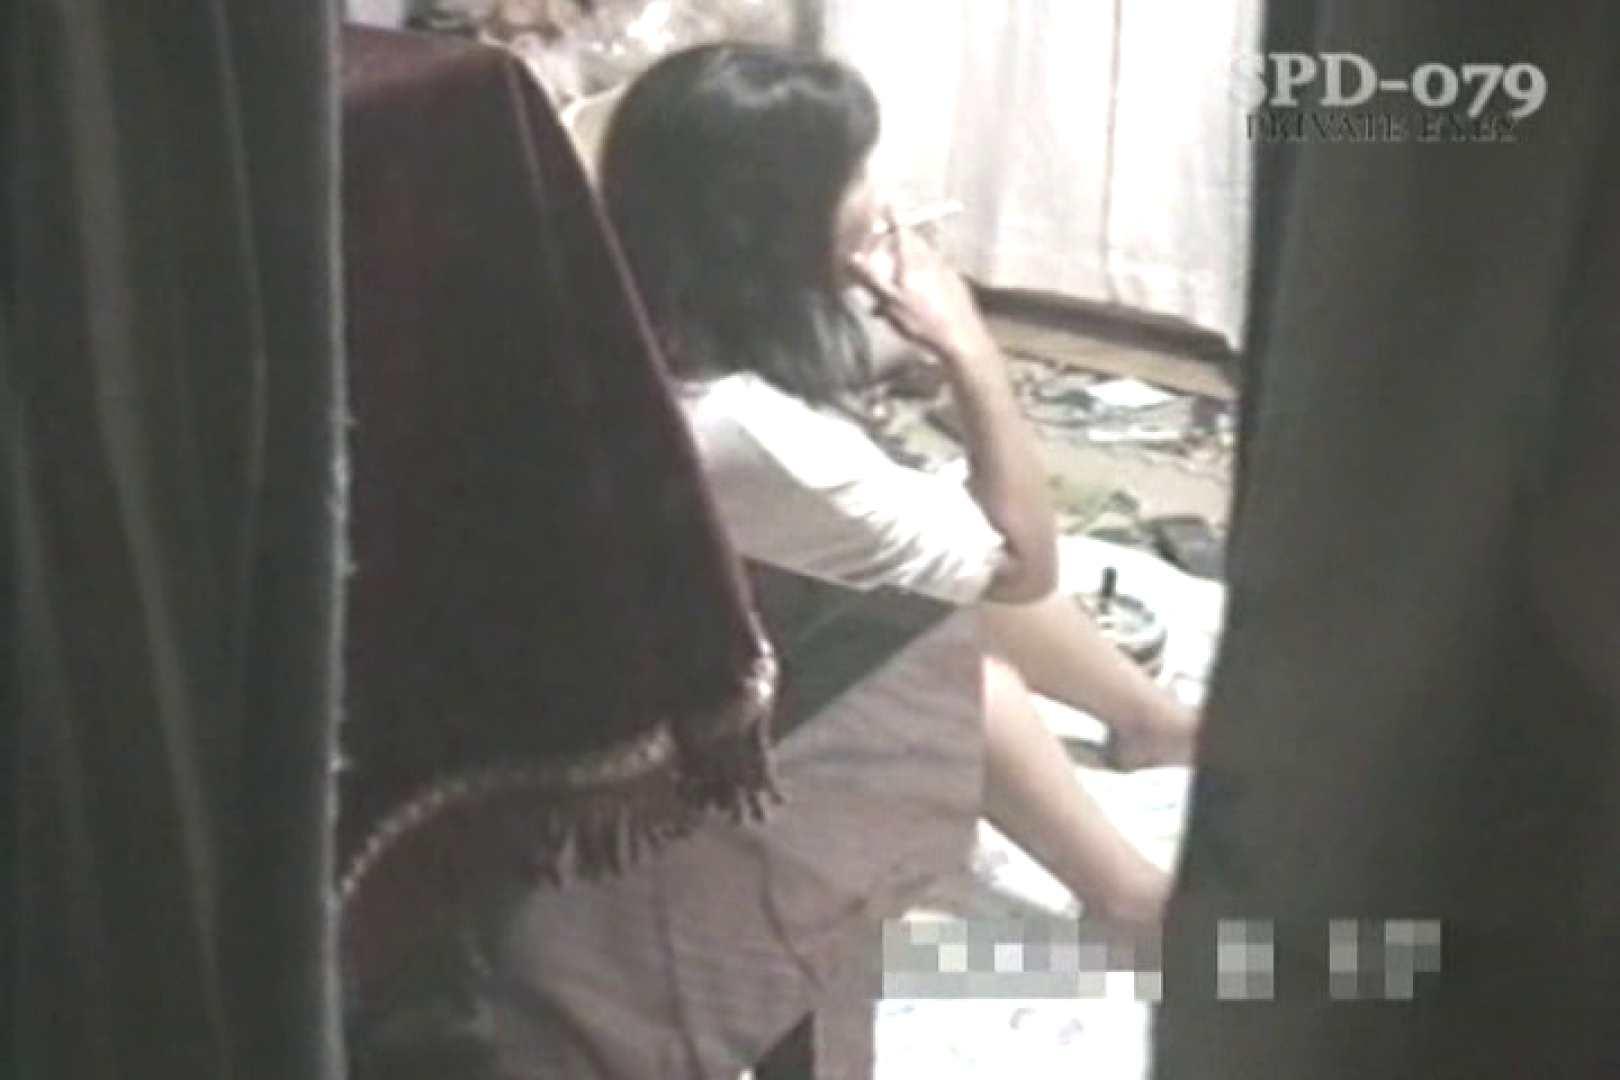 高画質版!SPD-079 盗撮 ~住宅地の恐怖~ 高画質 盗撮画像 25枚